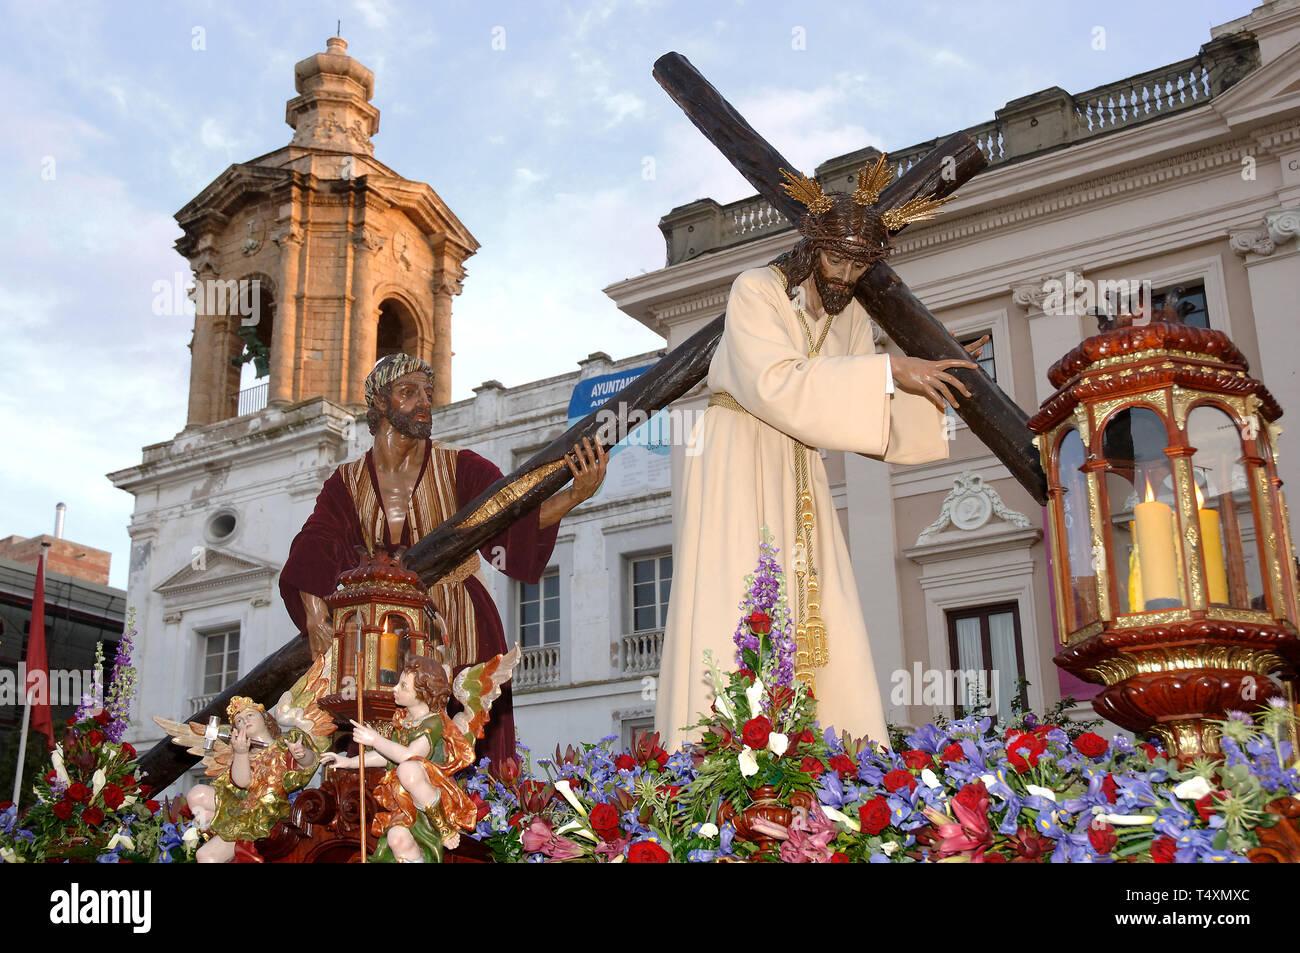 La Semana Santa. La hermandad del Nazareno del Amor. Cádiz. Región de Andalucía. España. Europa Imagen De Stock